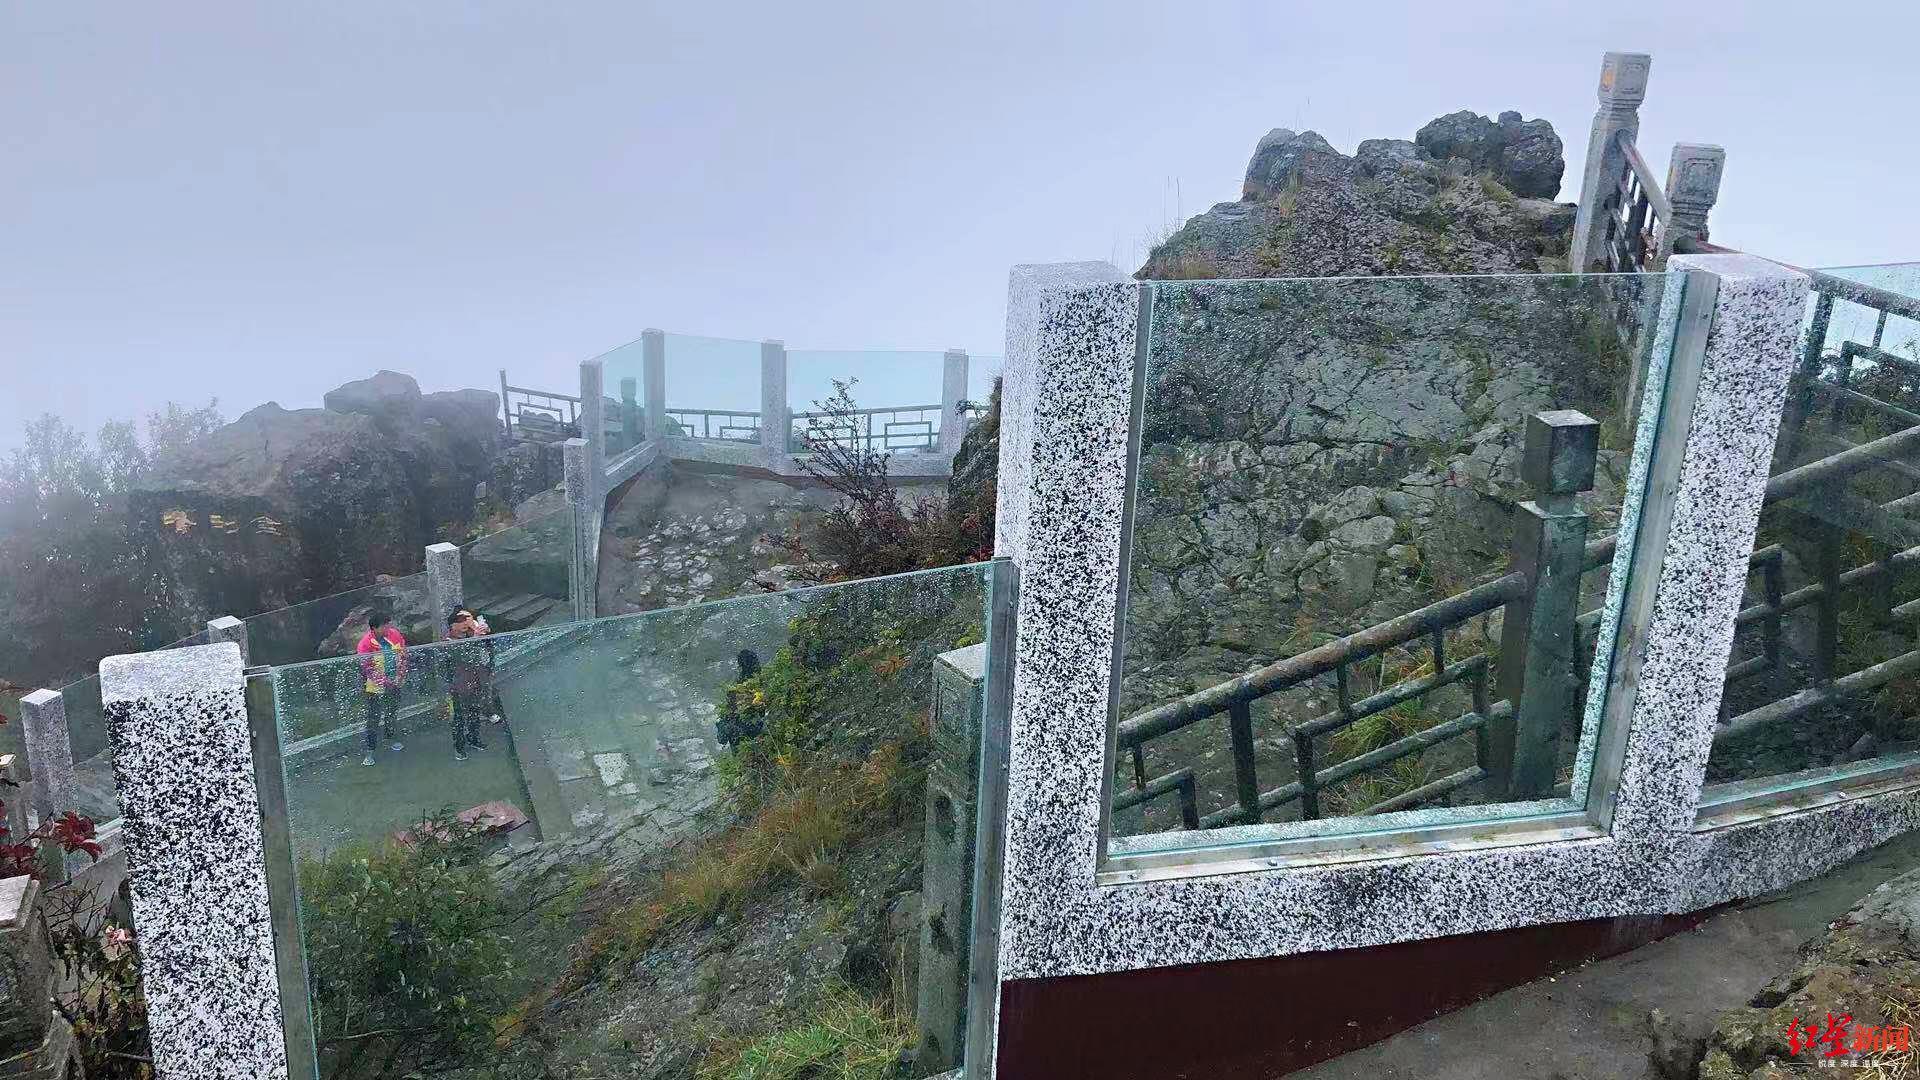 峨眉山金顶舍身崖建起玻璃墙  景区回应:保障安全防止轻生